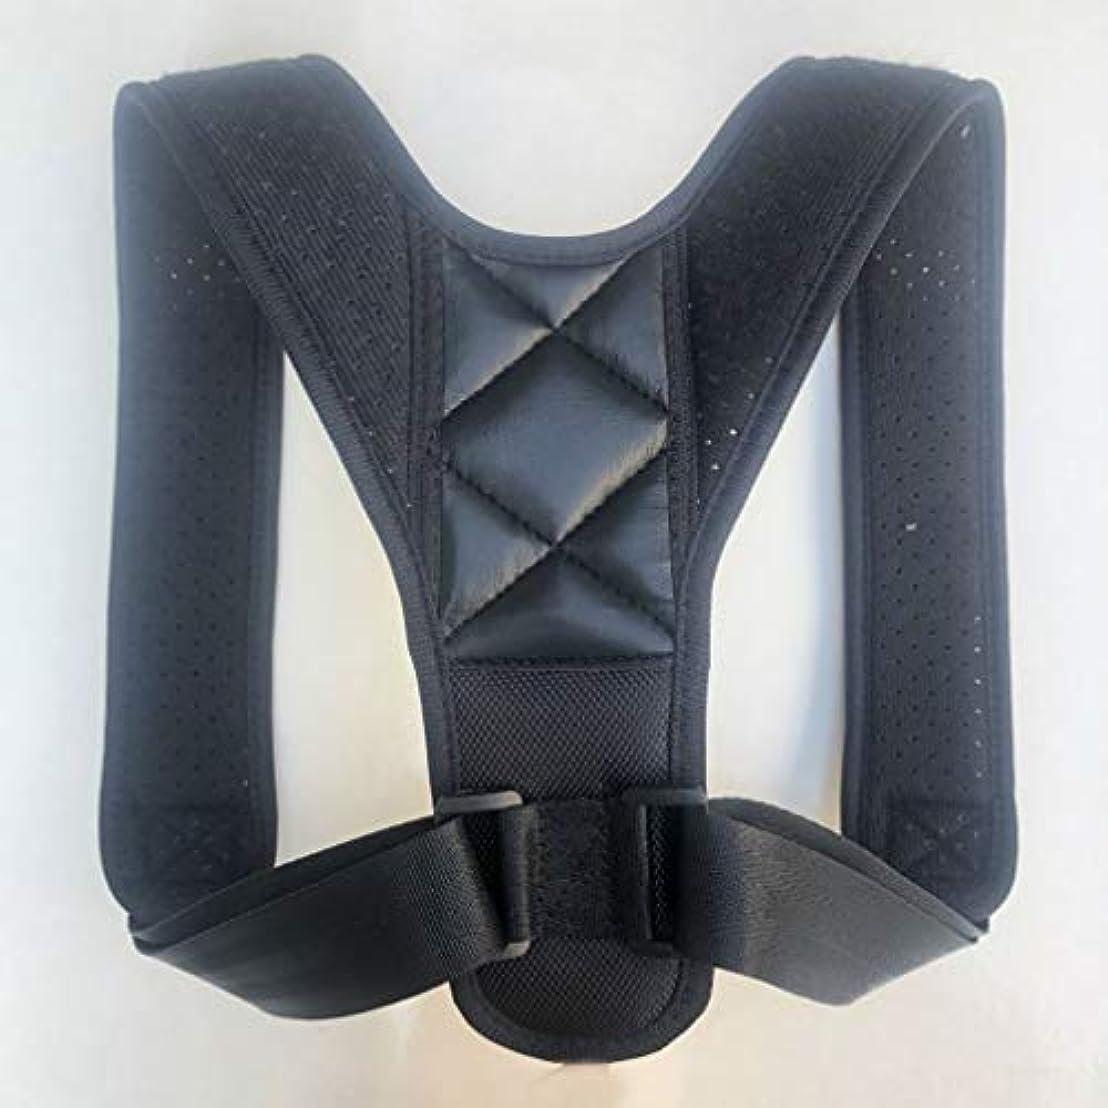 ストレスの多い変装した減らすUpper Back Posture Corrector Posture Clavicle Support Corrector Back Straight Shoulders Brace Strap Corrector